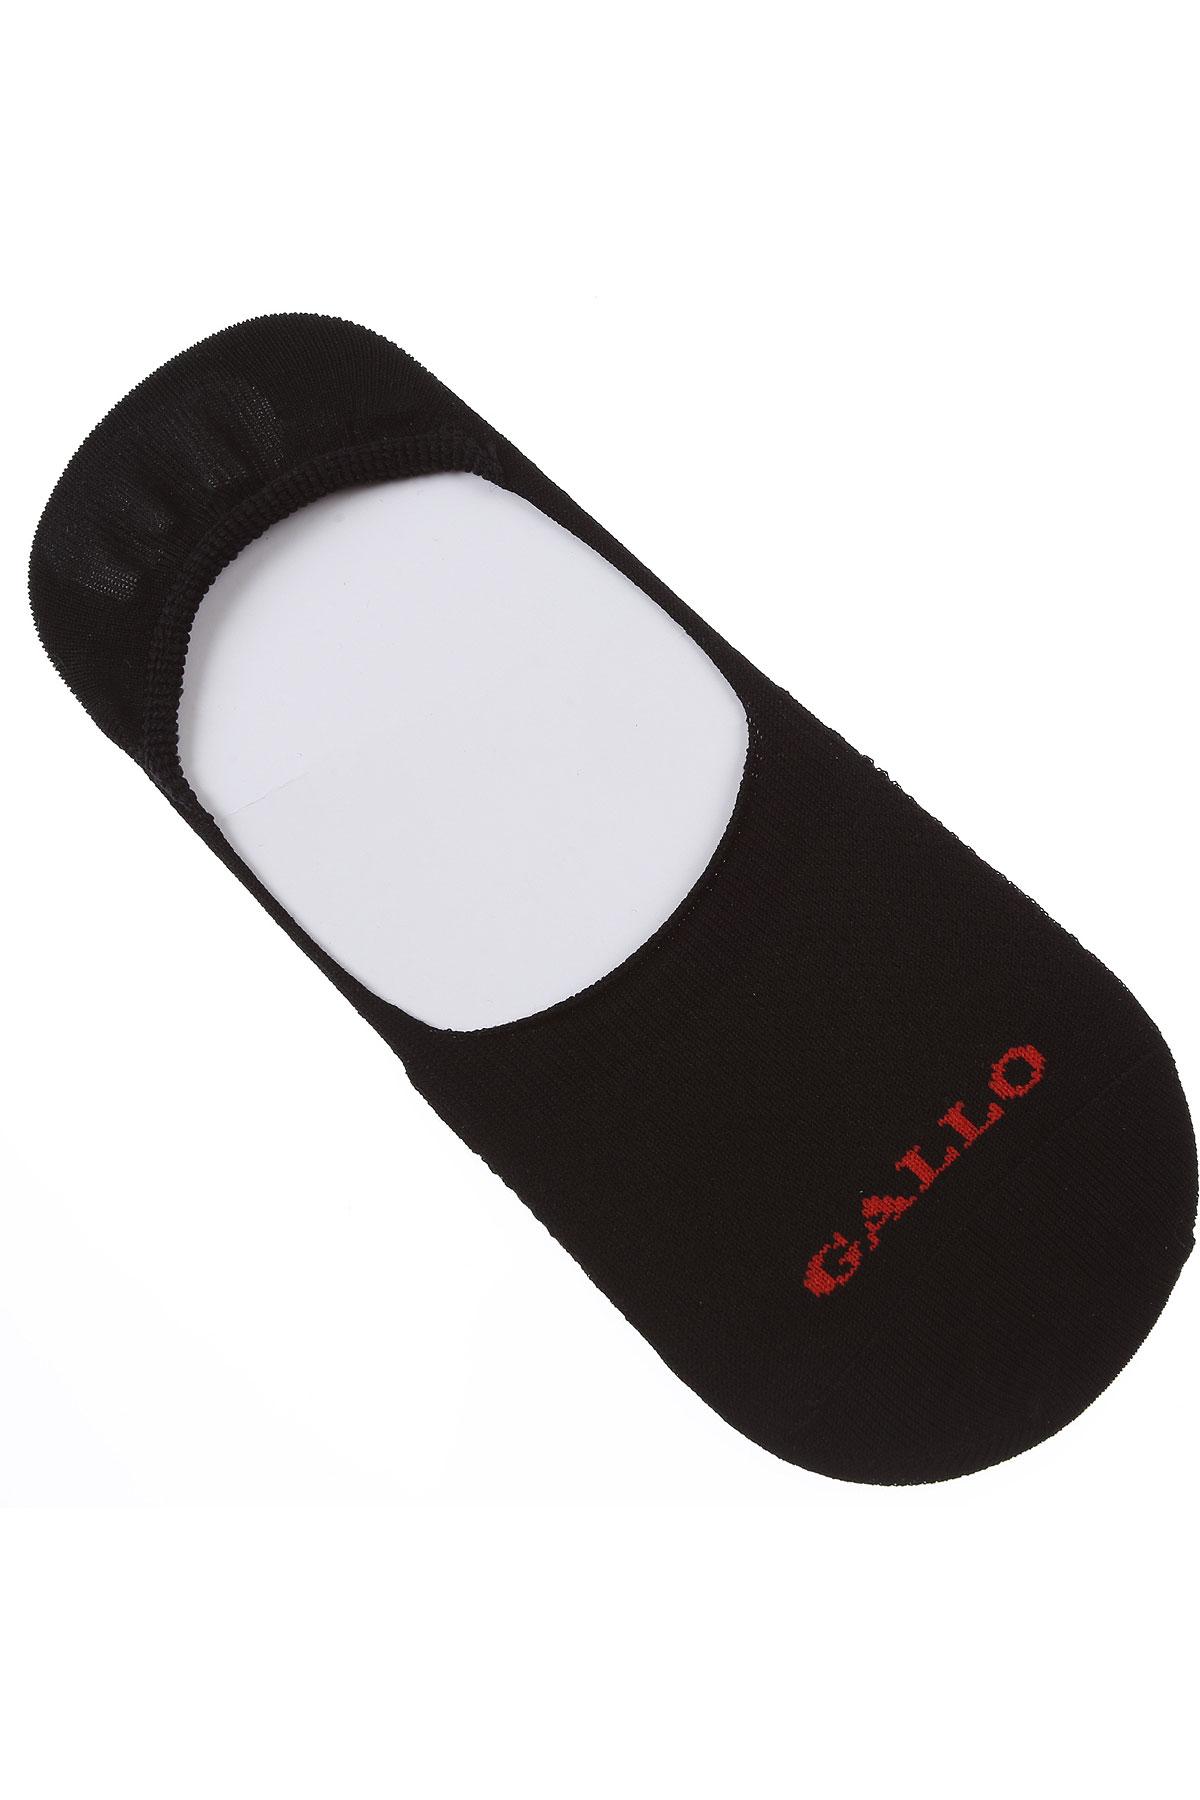 Gallo Socks Socks for Men On Sale, Black, Cotton, 2019, 40-41 42-43 44-45